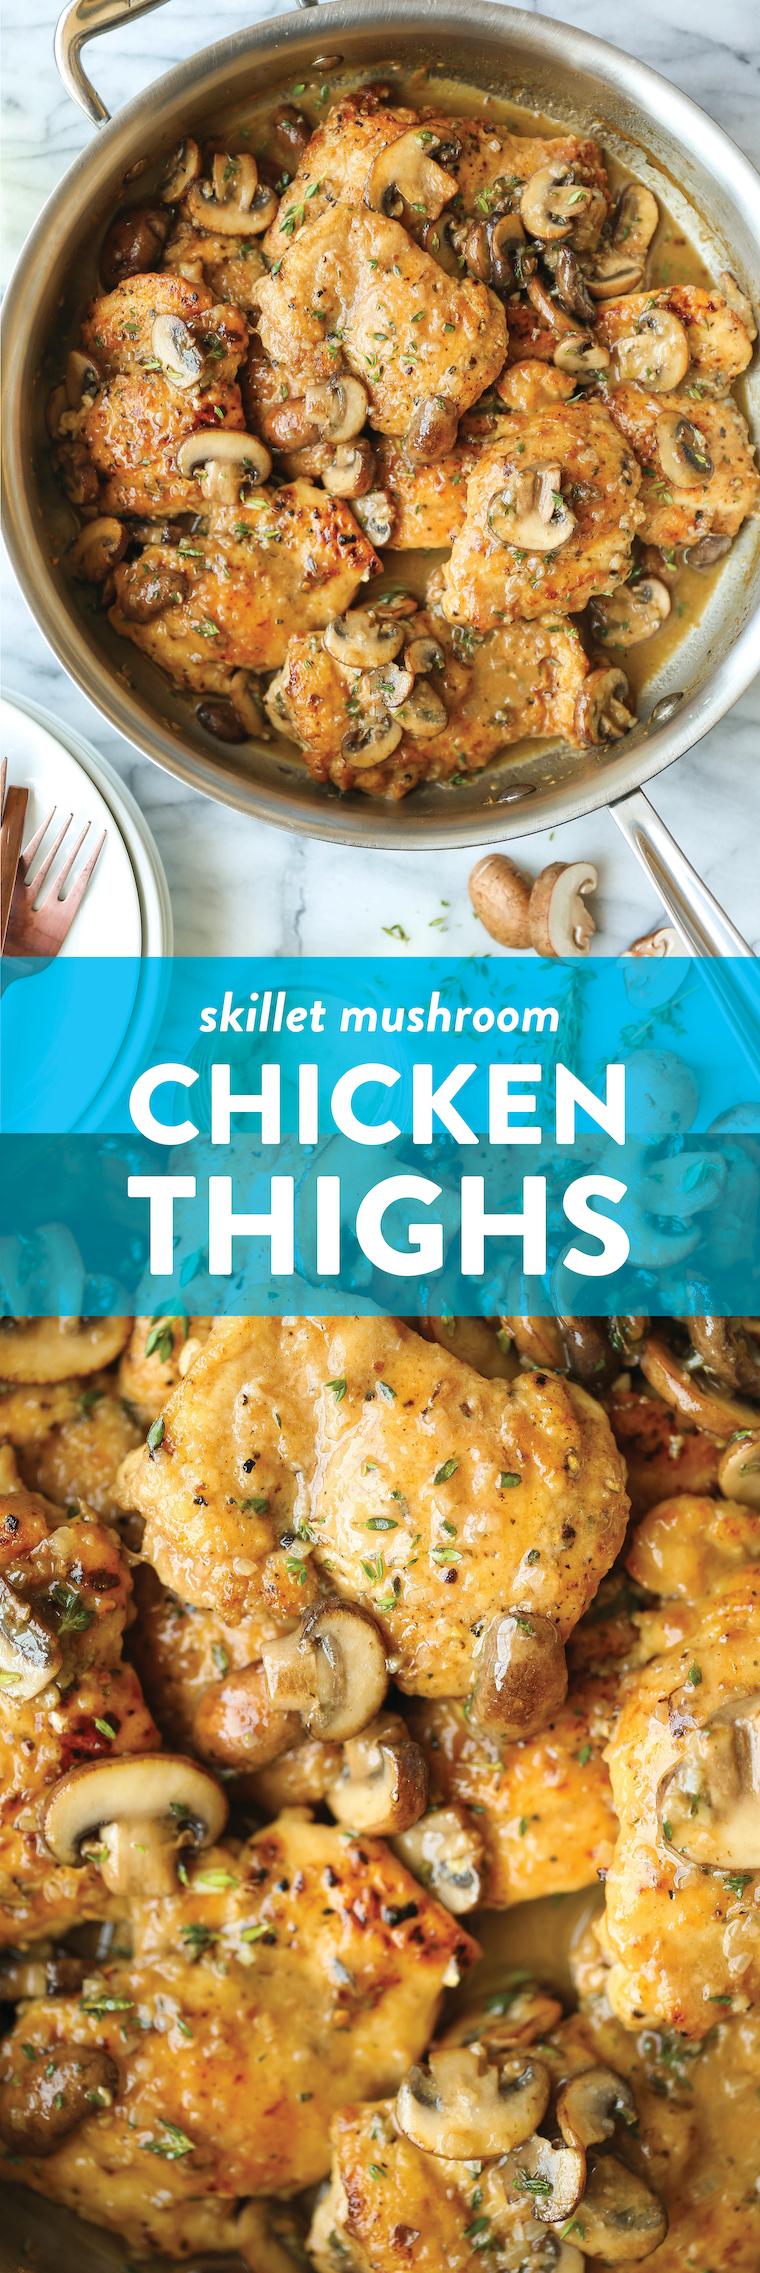 Skillet Mushroom Chicken Thighs - Golden brown, super juicy, tender chicken smothered in a garlicky, mushroom butter sauce. 30 min. So quick, so so good!